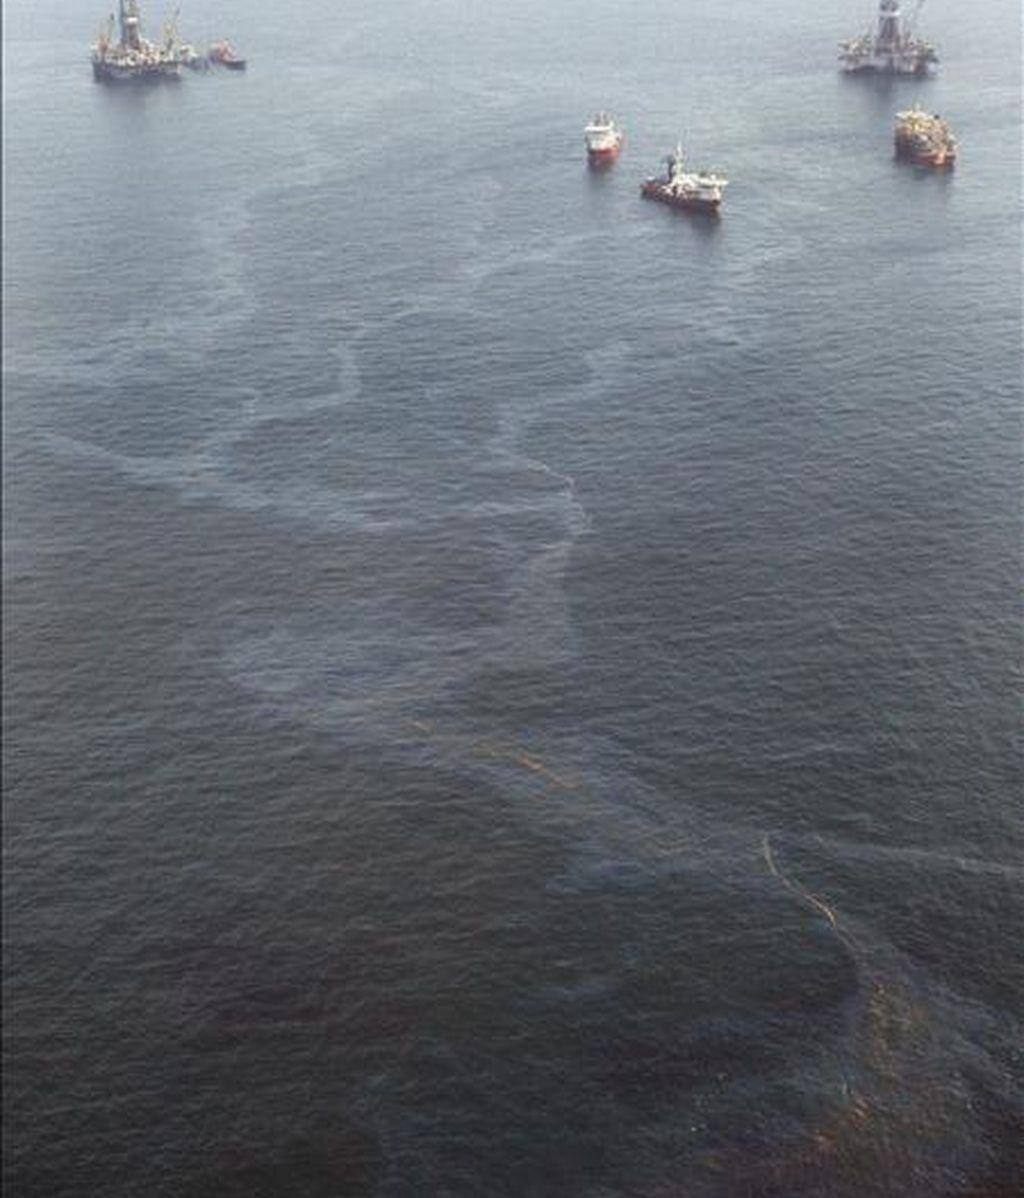 Vista del rastro brillante de petróleo que quedó tras varios buques que trabajaban el domingo en el pozo principal de alivio en el sitio del Deepwater Horizon en el Golfo de México, Luisiana (EEUU). EFE